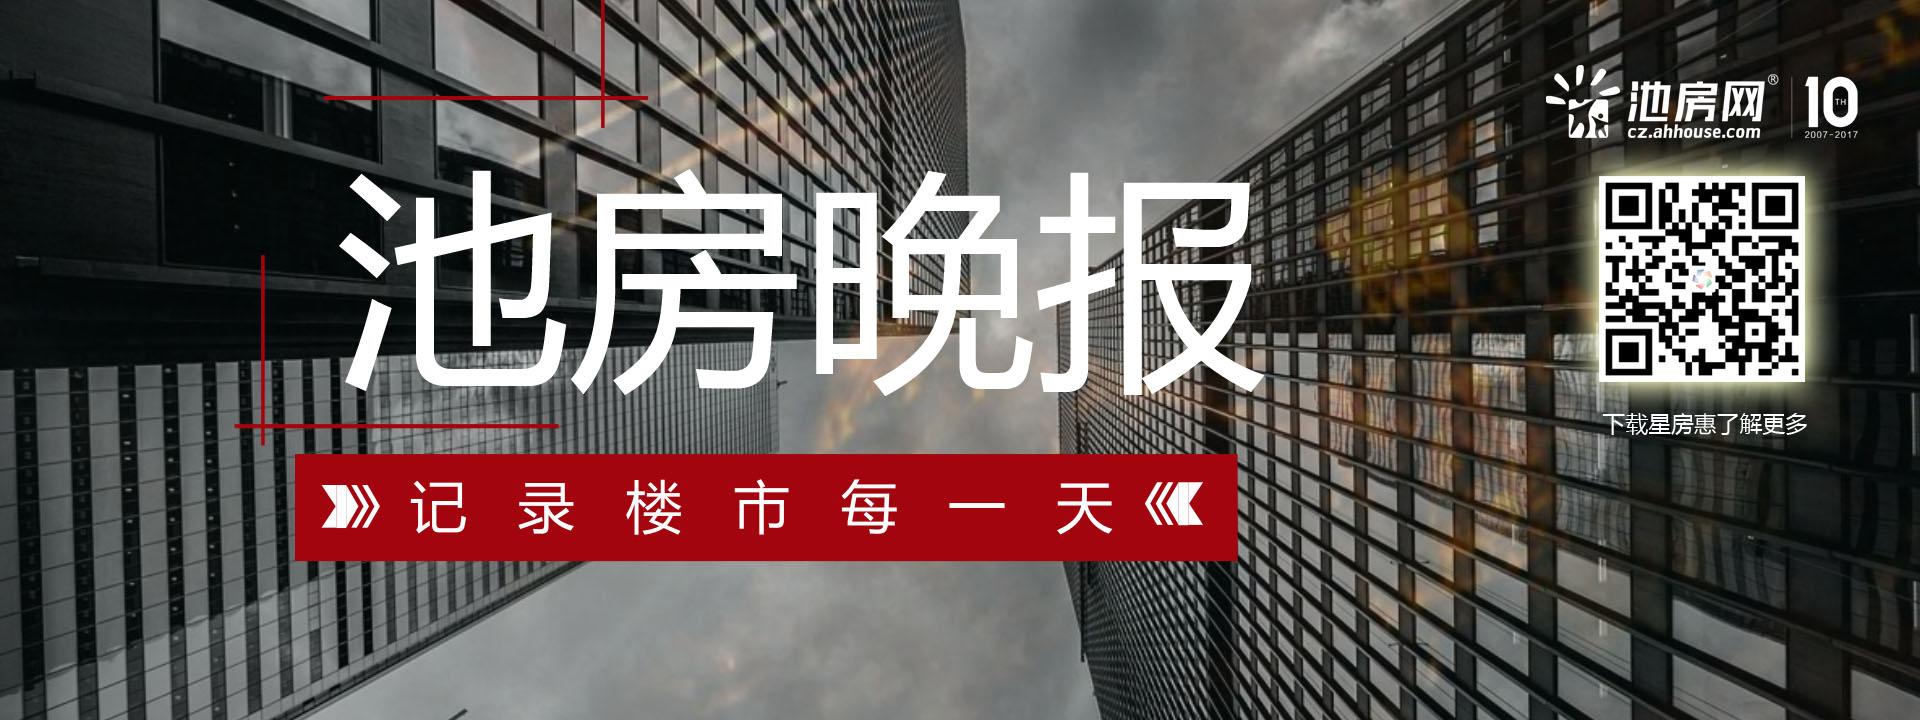 1月16日池房网晚报:大新闻!政府将不是居住用地唯一供应者